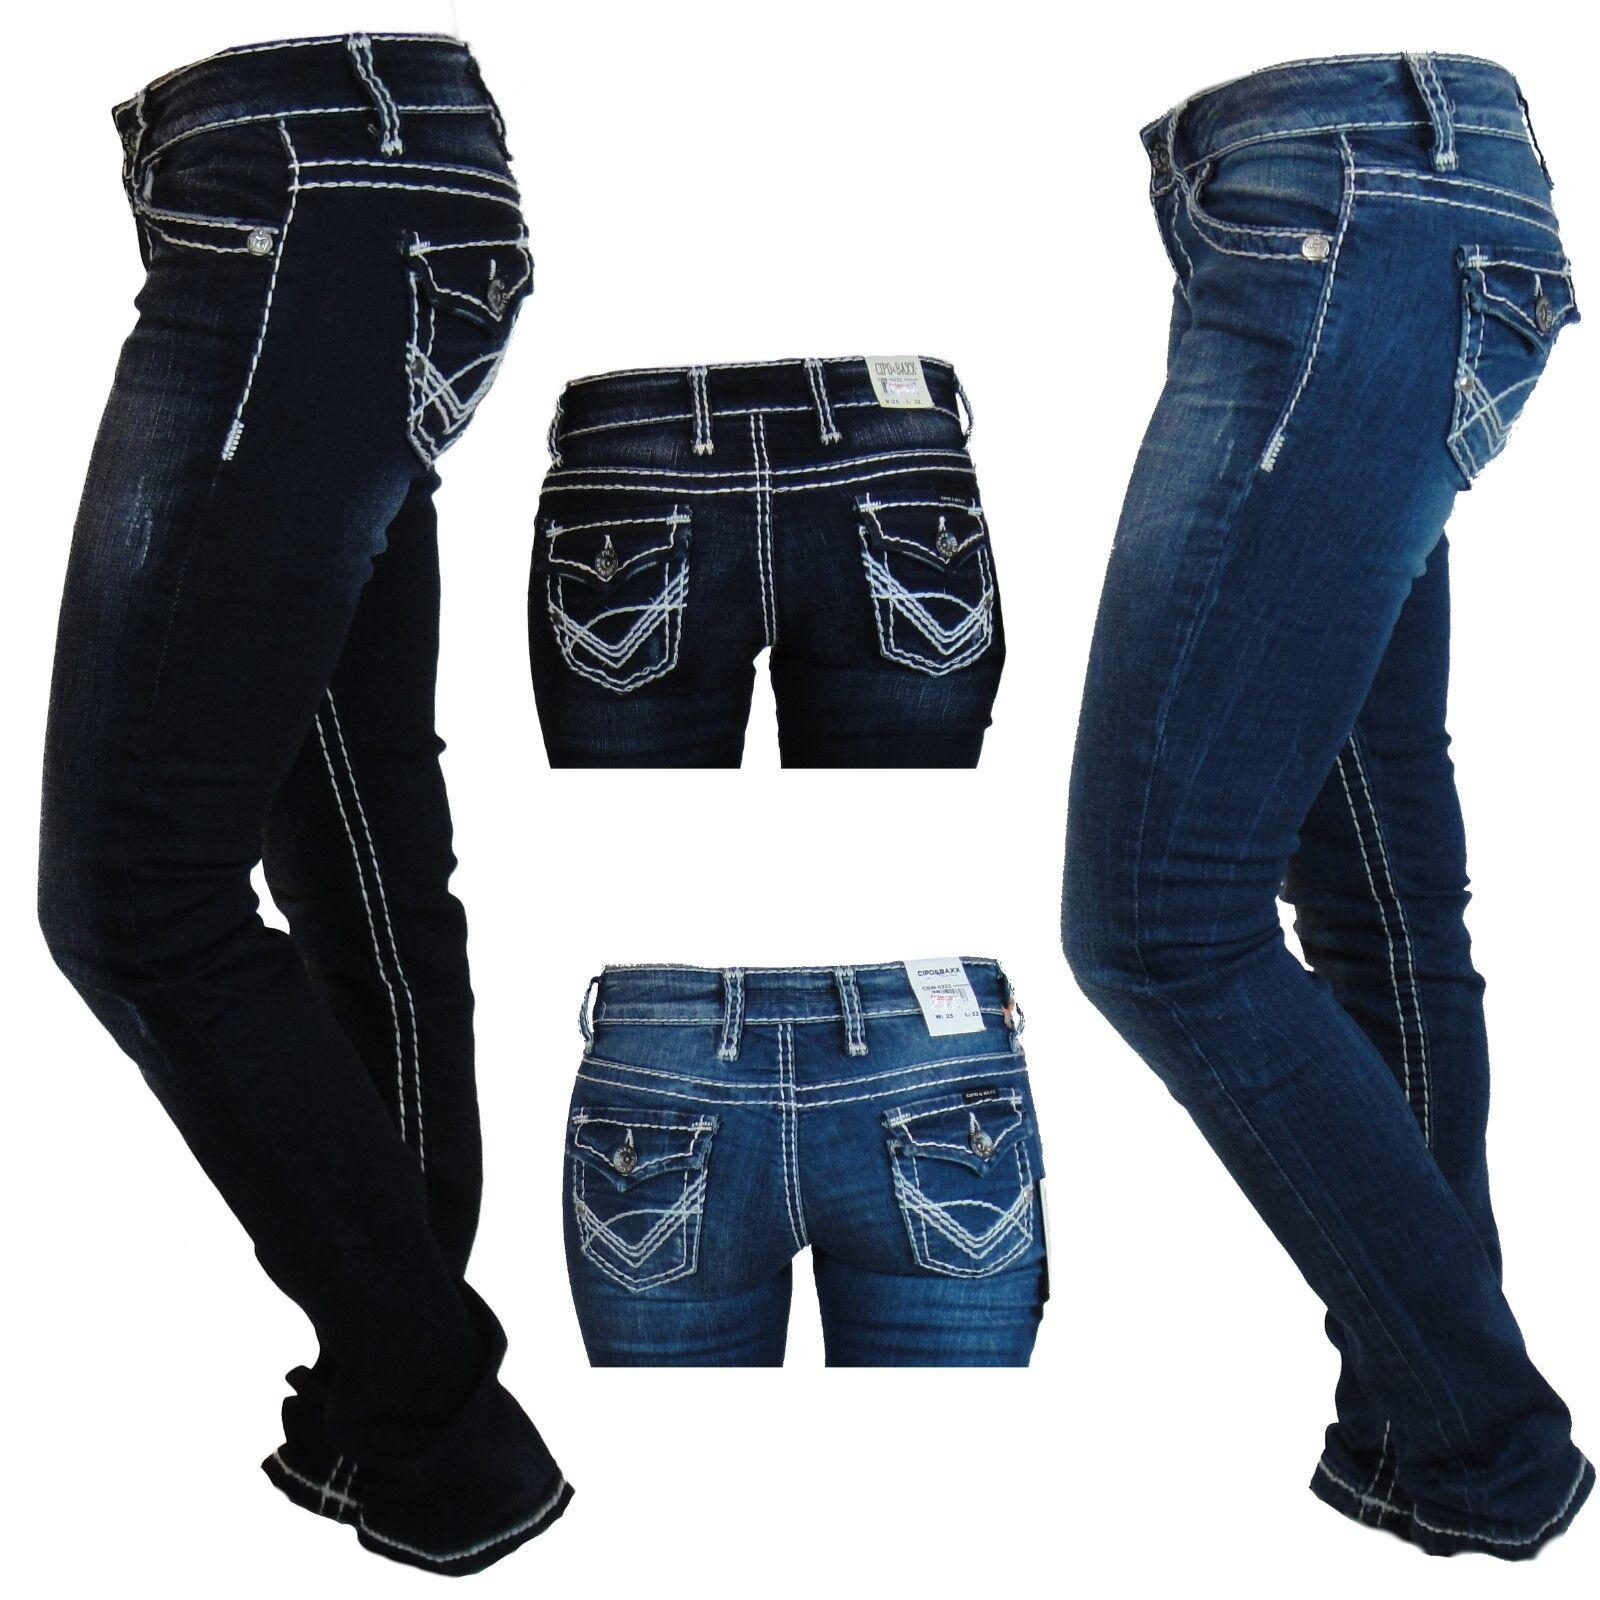 Cipo & Baxx Baxx Baxx Jeans Hose Damen Cbw-231 Cbw-232 Klapptasche | Vogue  61d86b